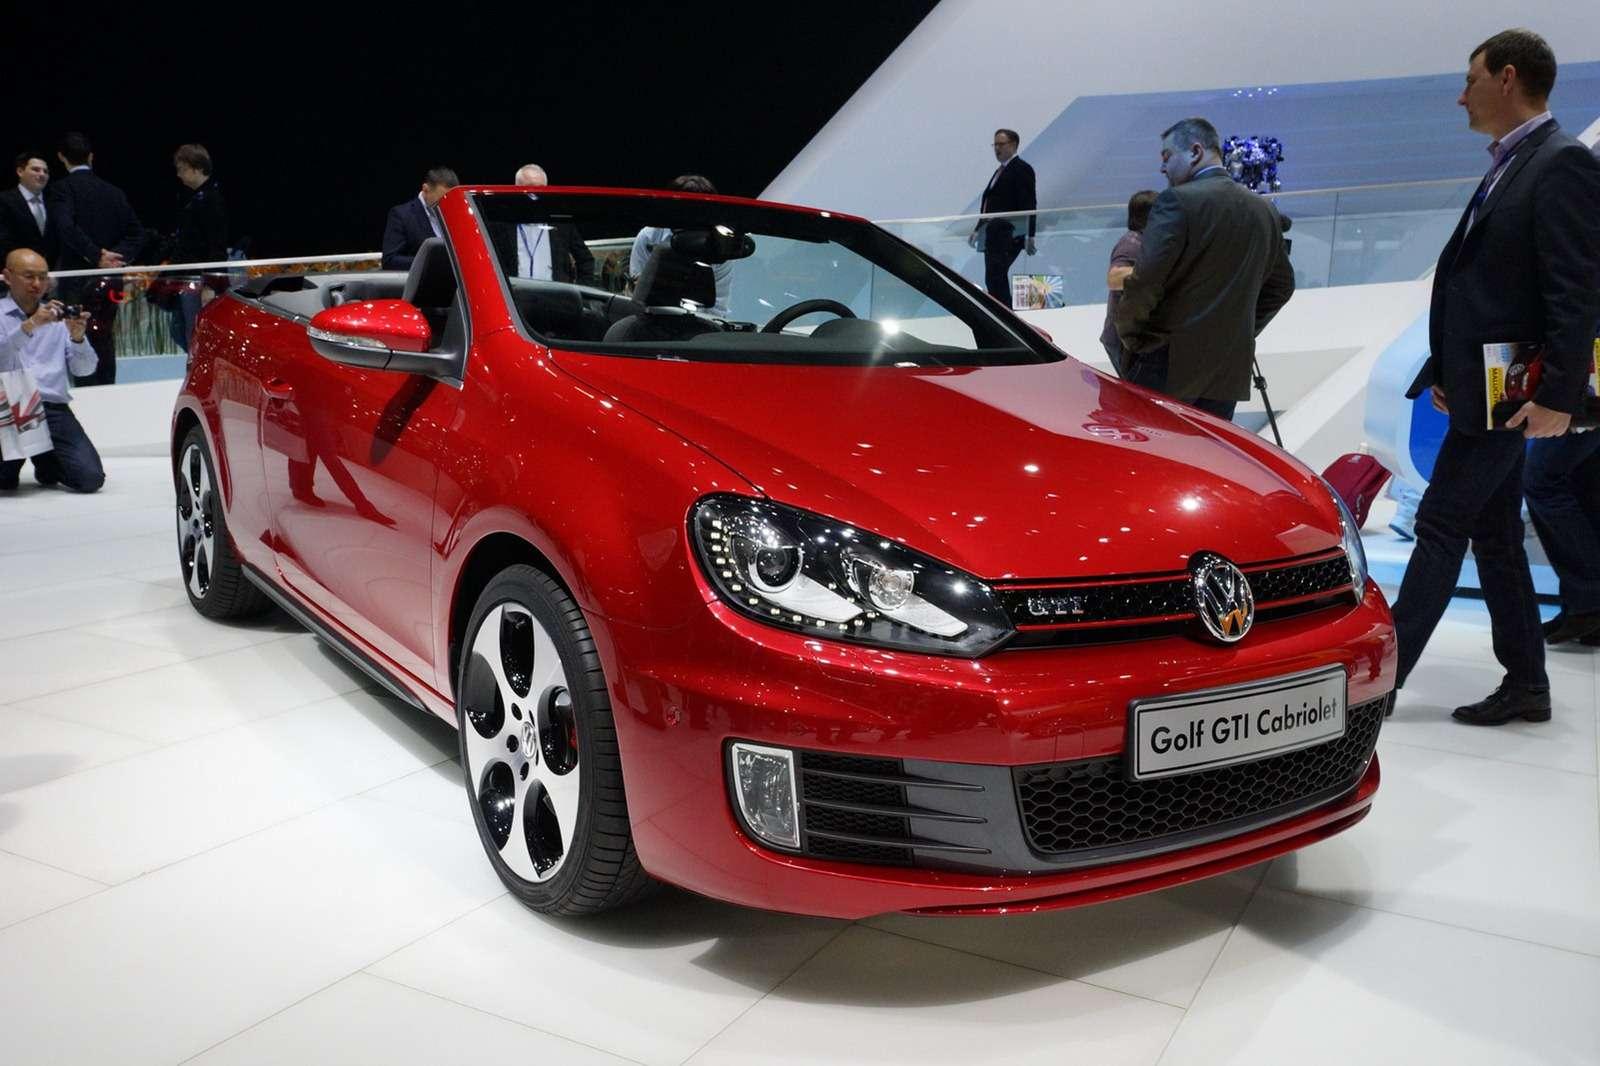 Volkswagen Golf GTI Cabriolet oficjalnie Genewa 2012